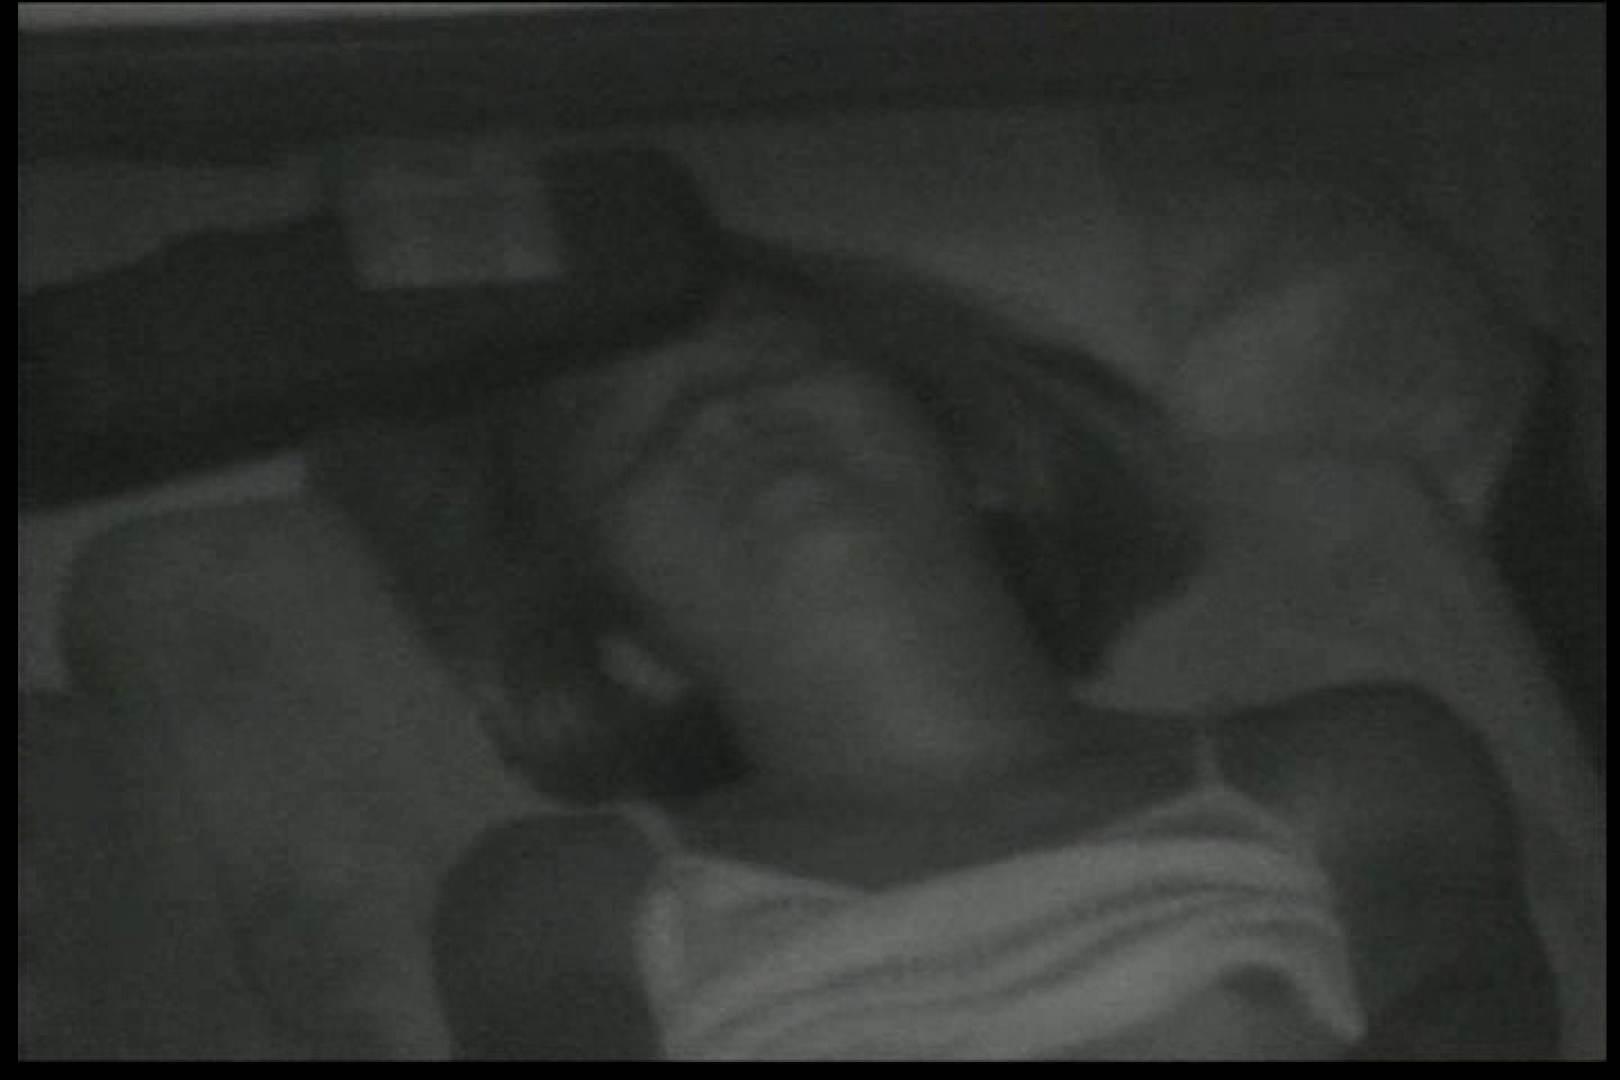 車の中はラブホテル 無修正版  Vol.12 ホテル | 望遠  93画像 73